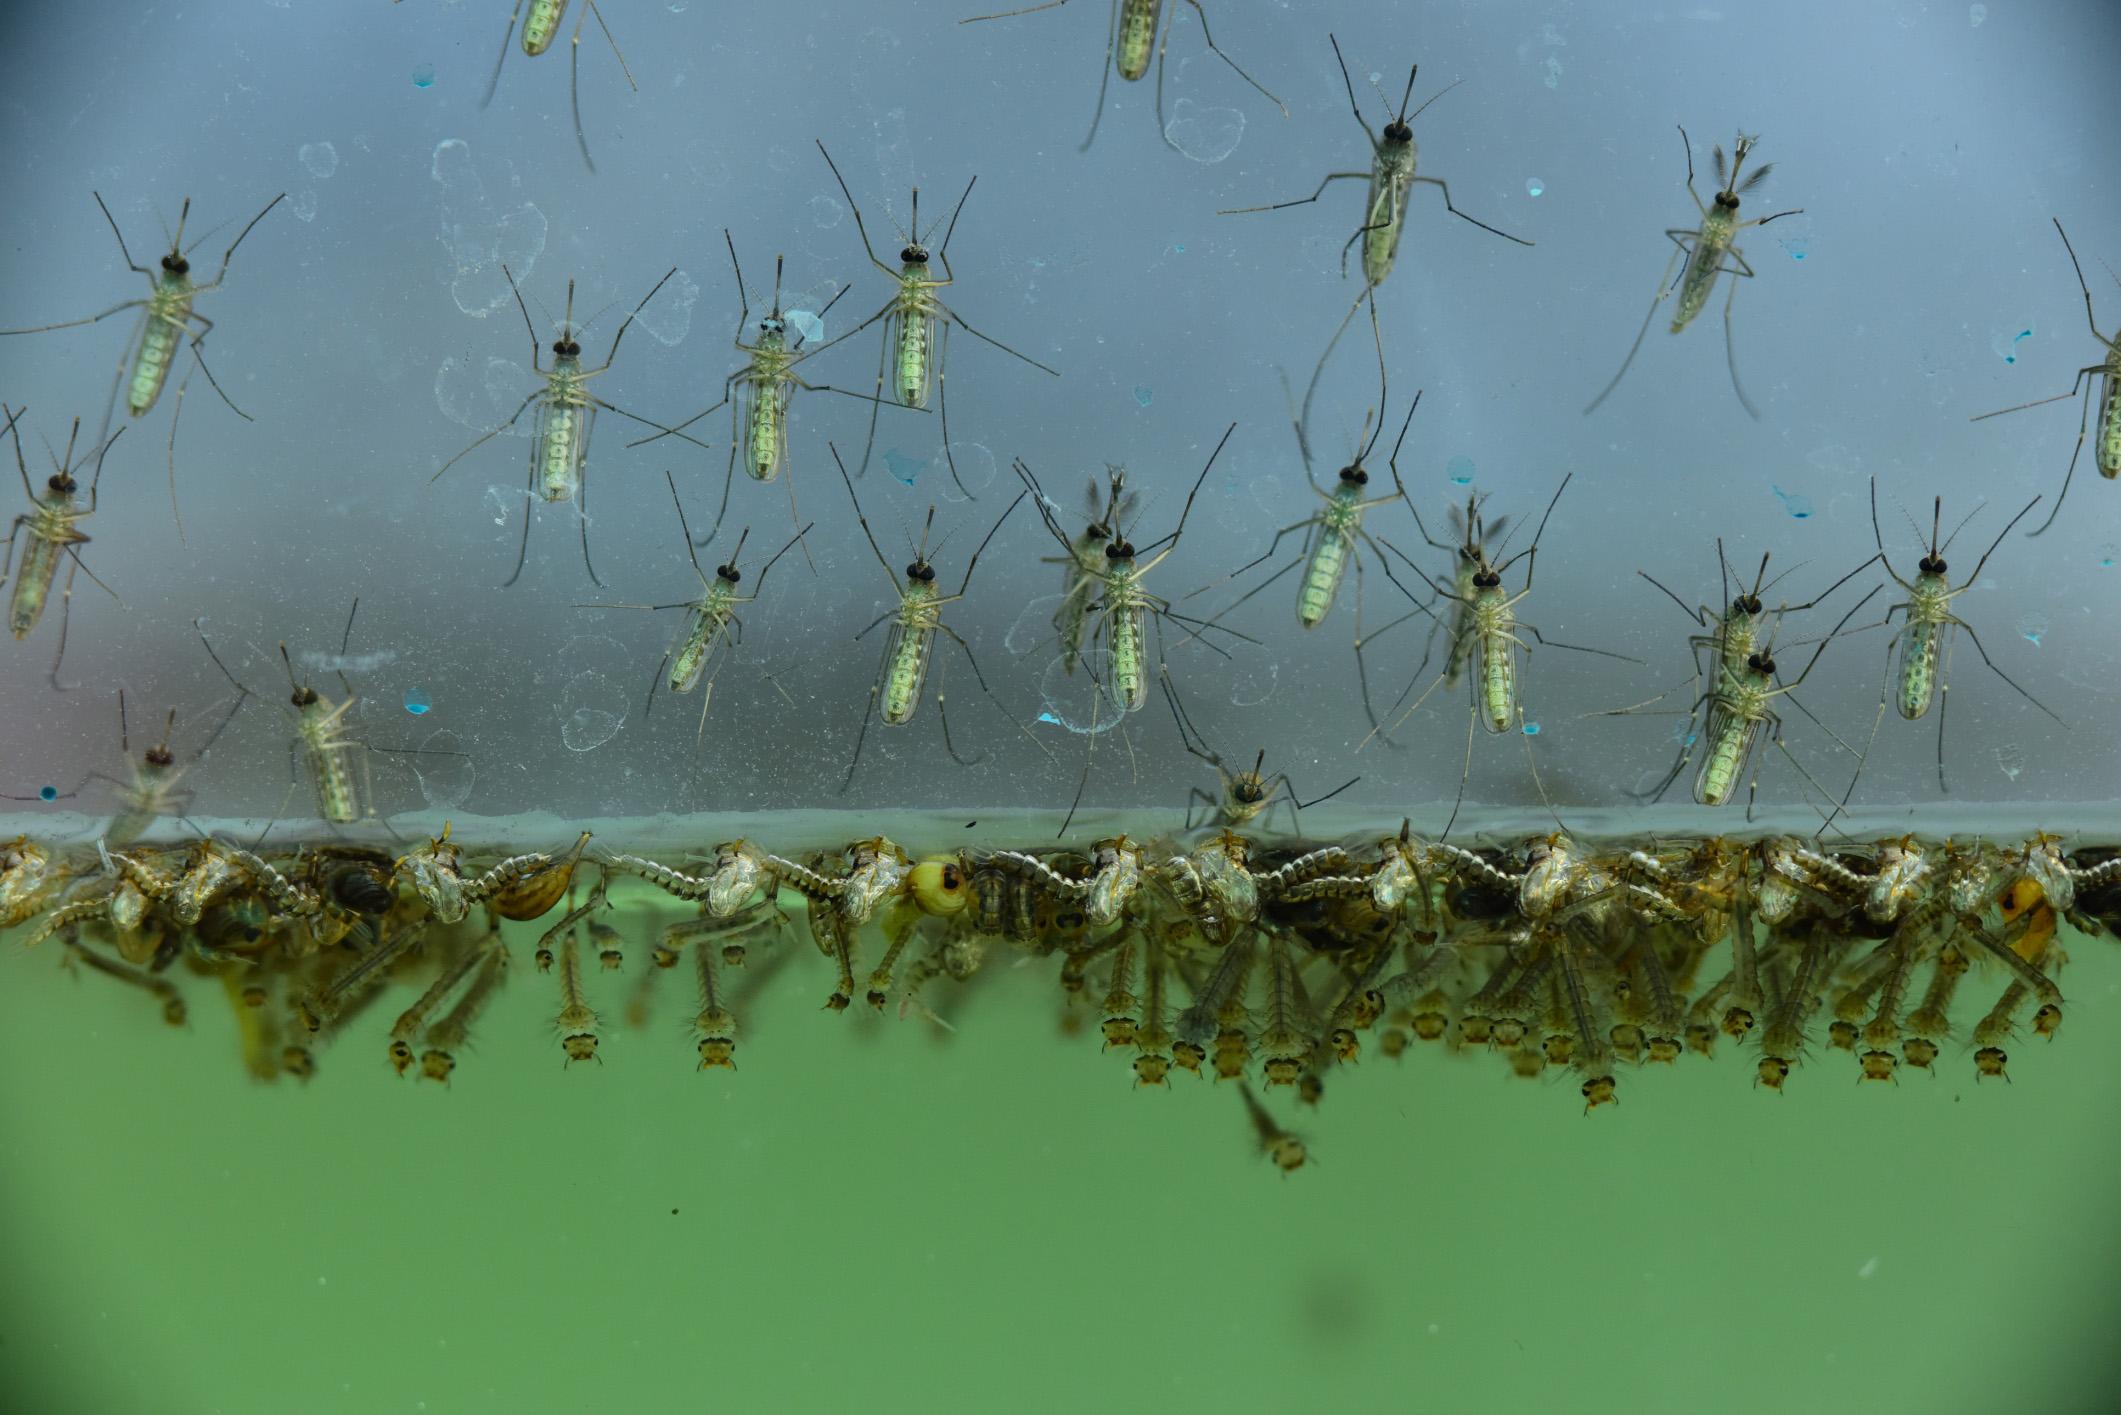 Mosquito problems and preventative steps